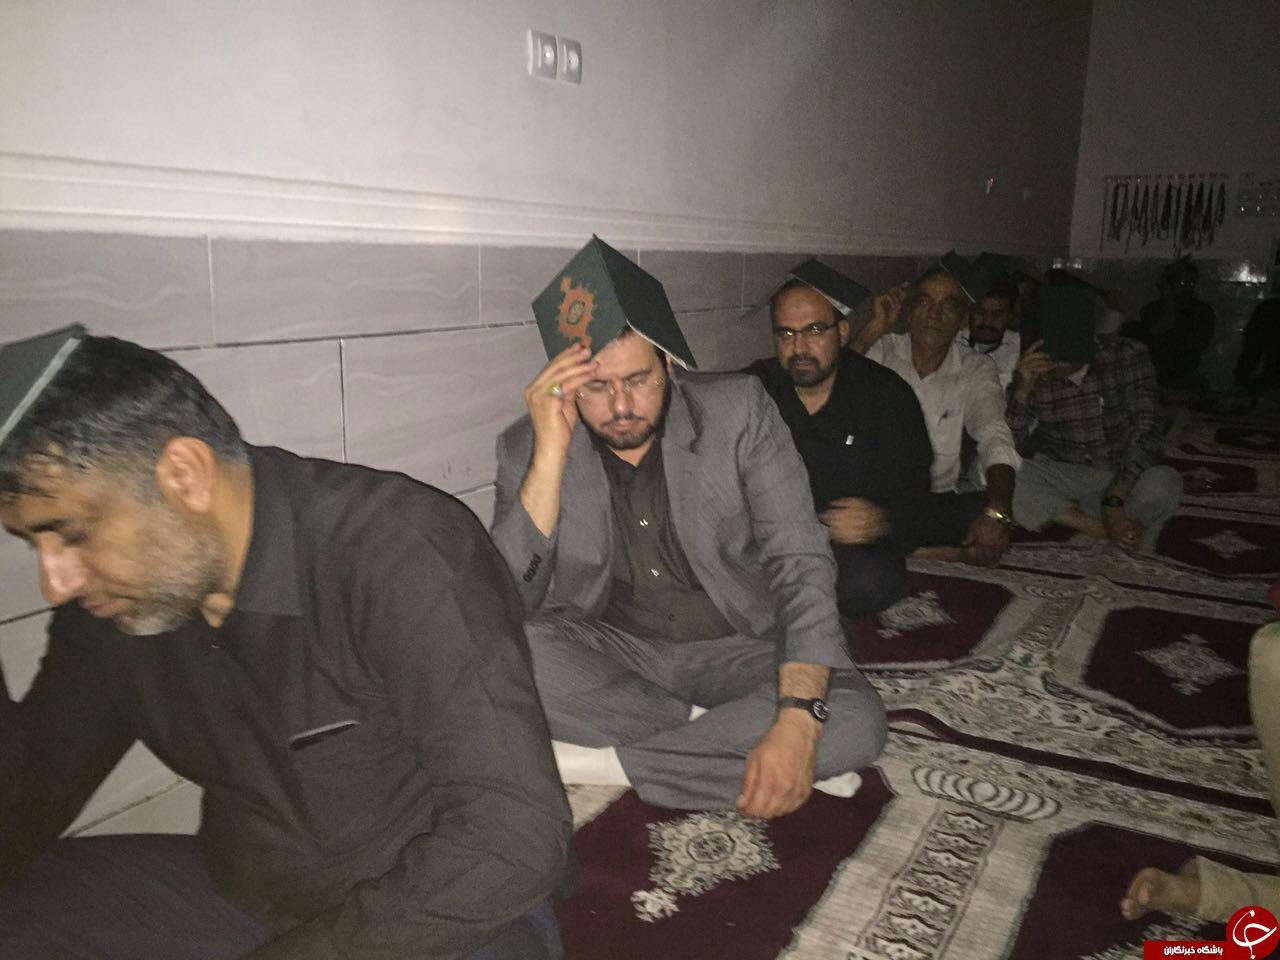 پسر وزیر اطلاعات در شب قدر کجا بود؟ + تصاویر